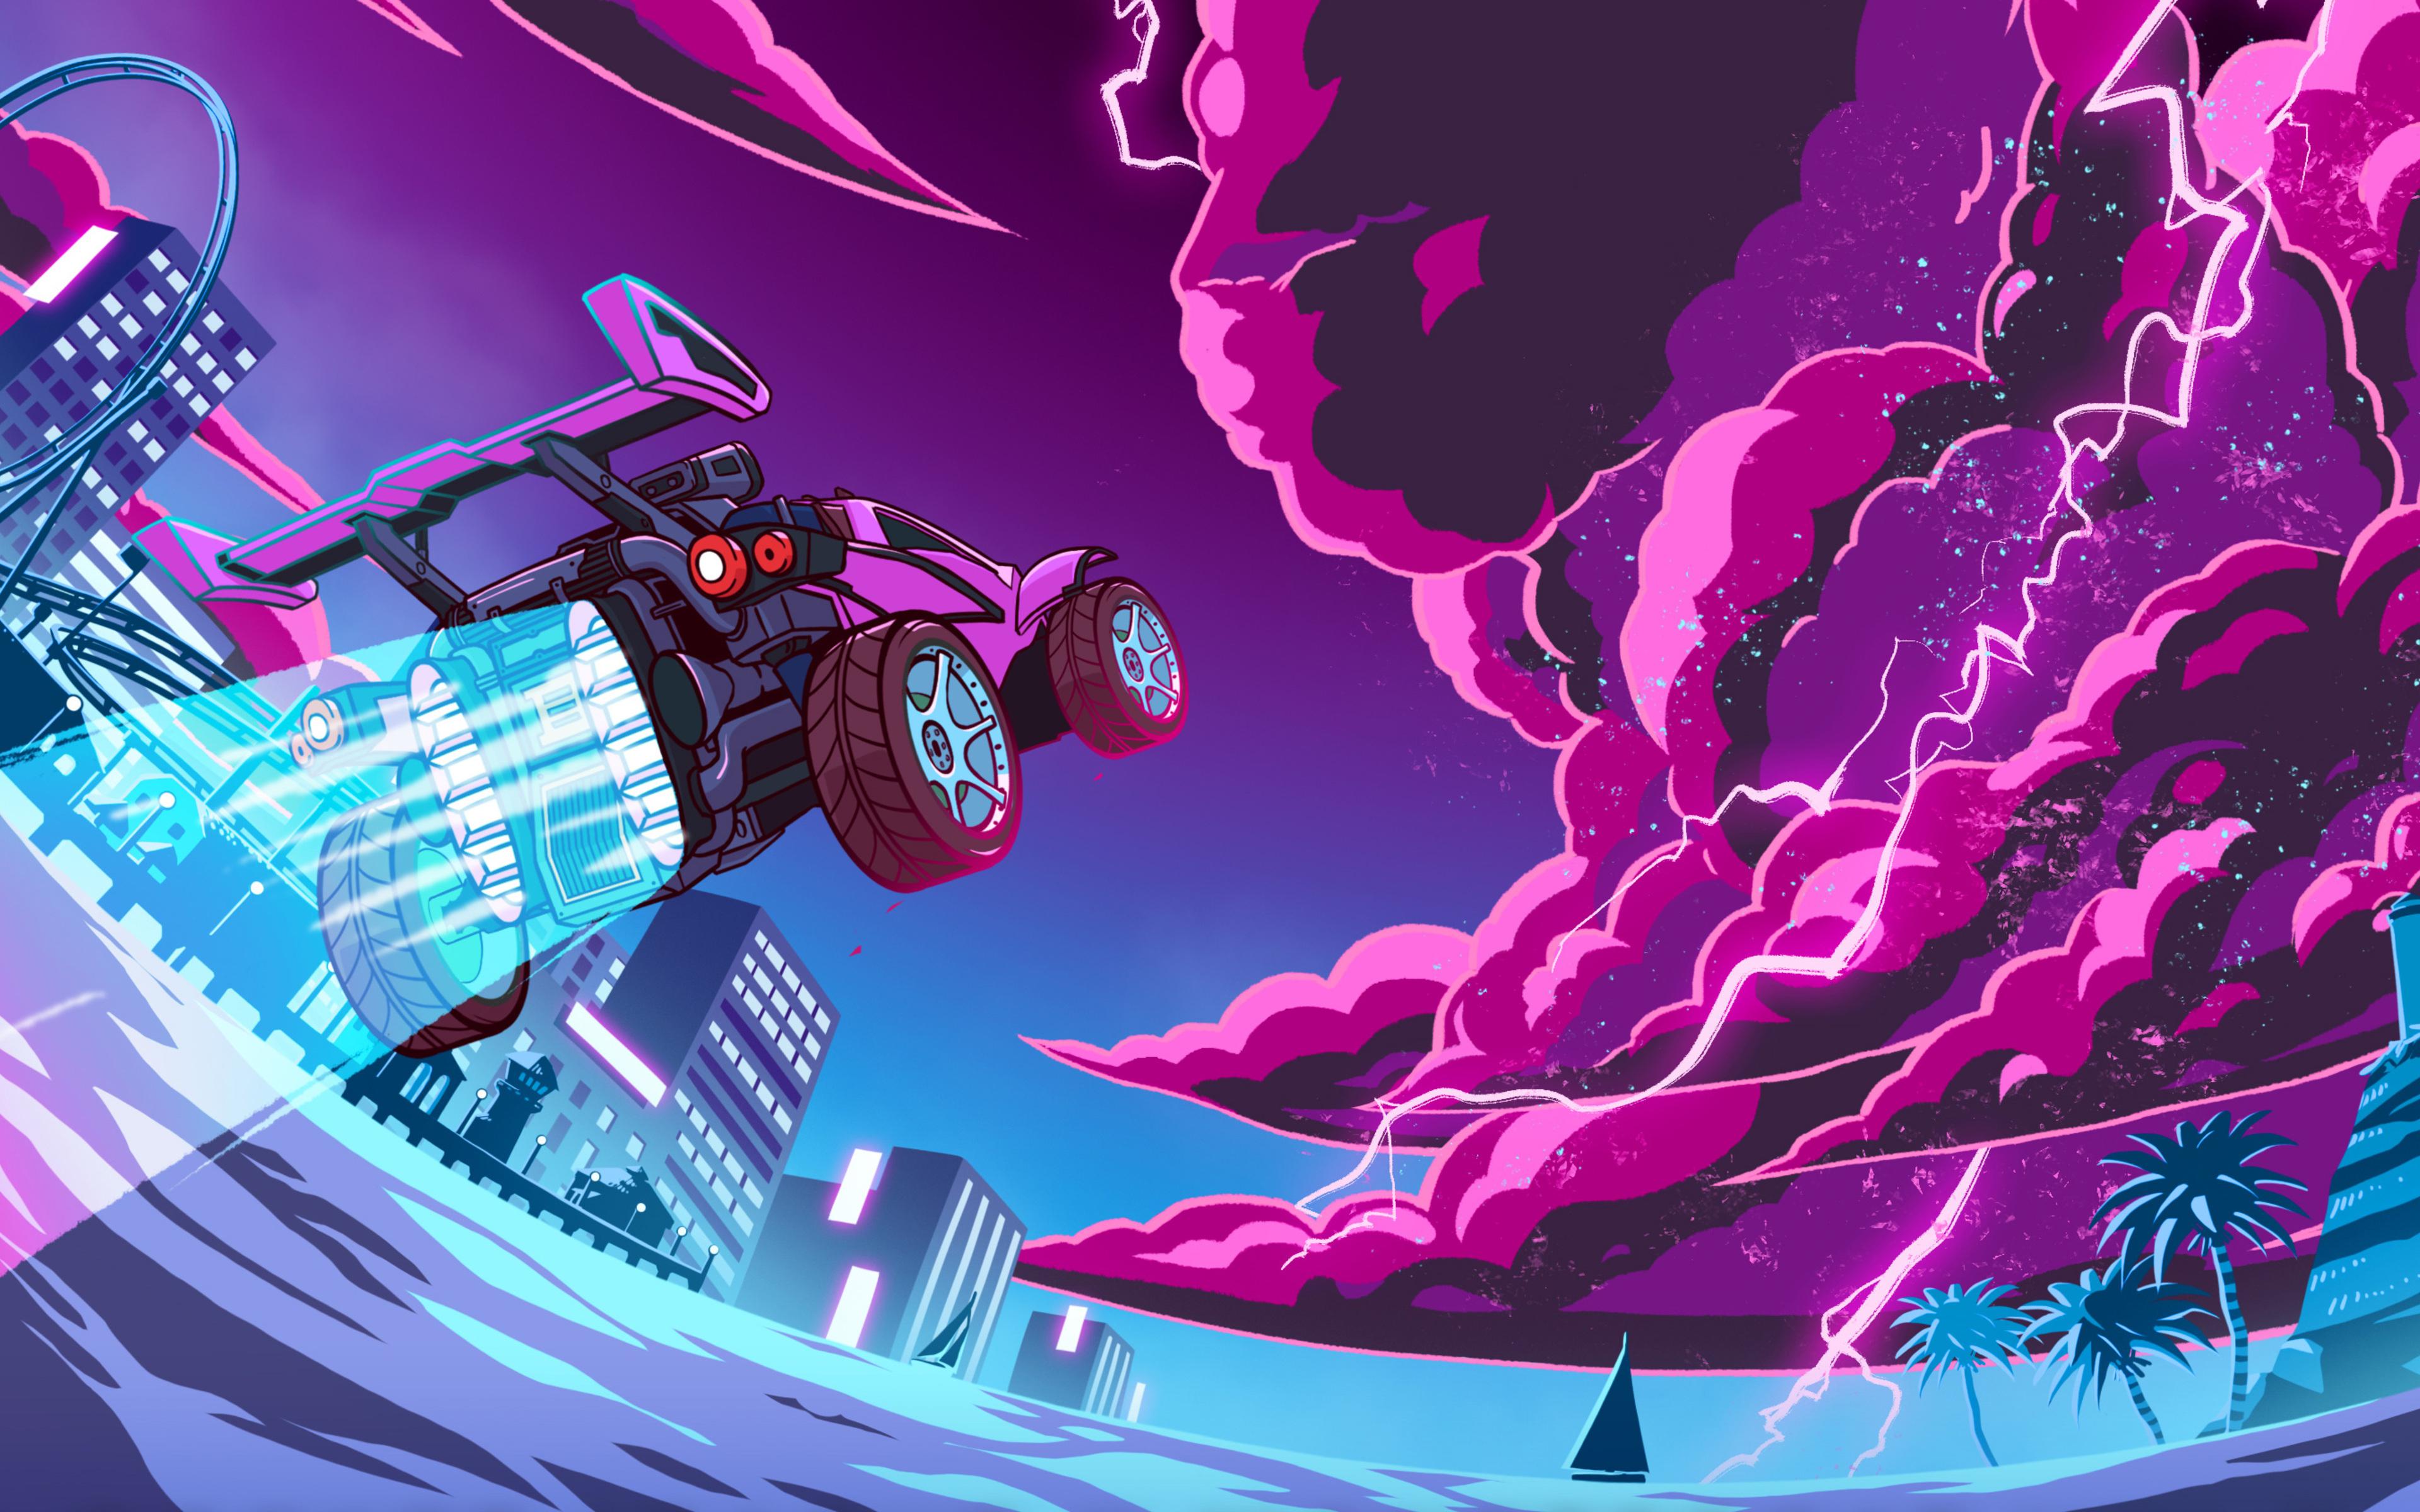 3840x2400 Rocket League X Monstercat 4k HD 4k Wallpapers ...